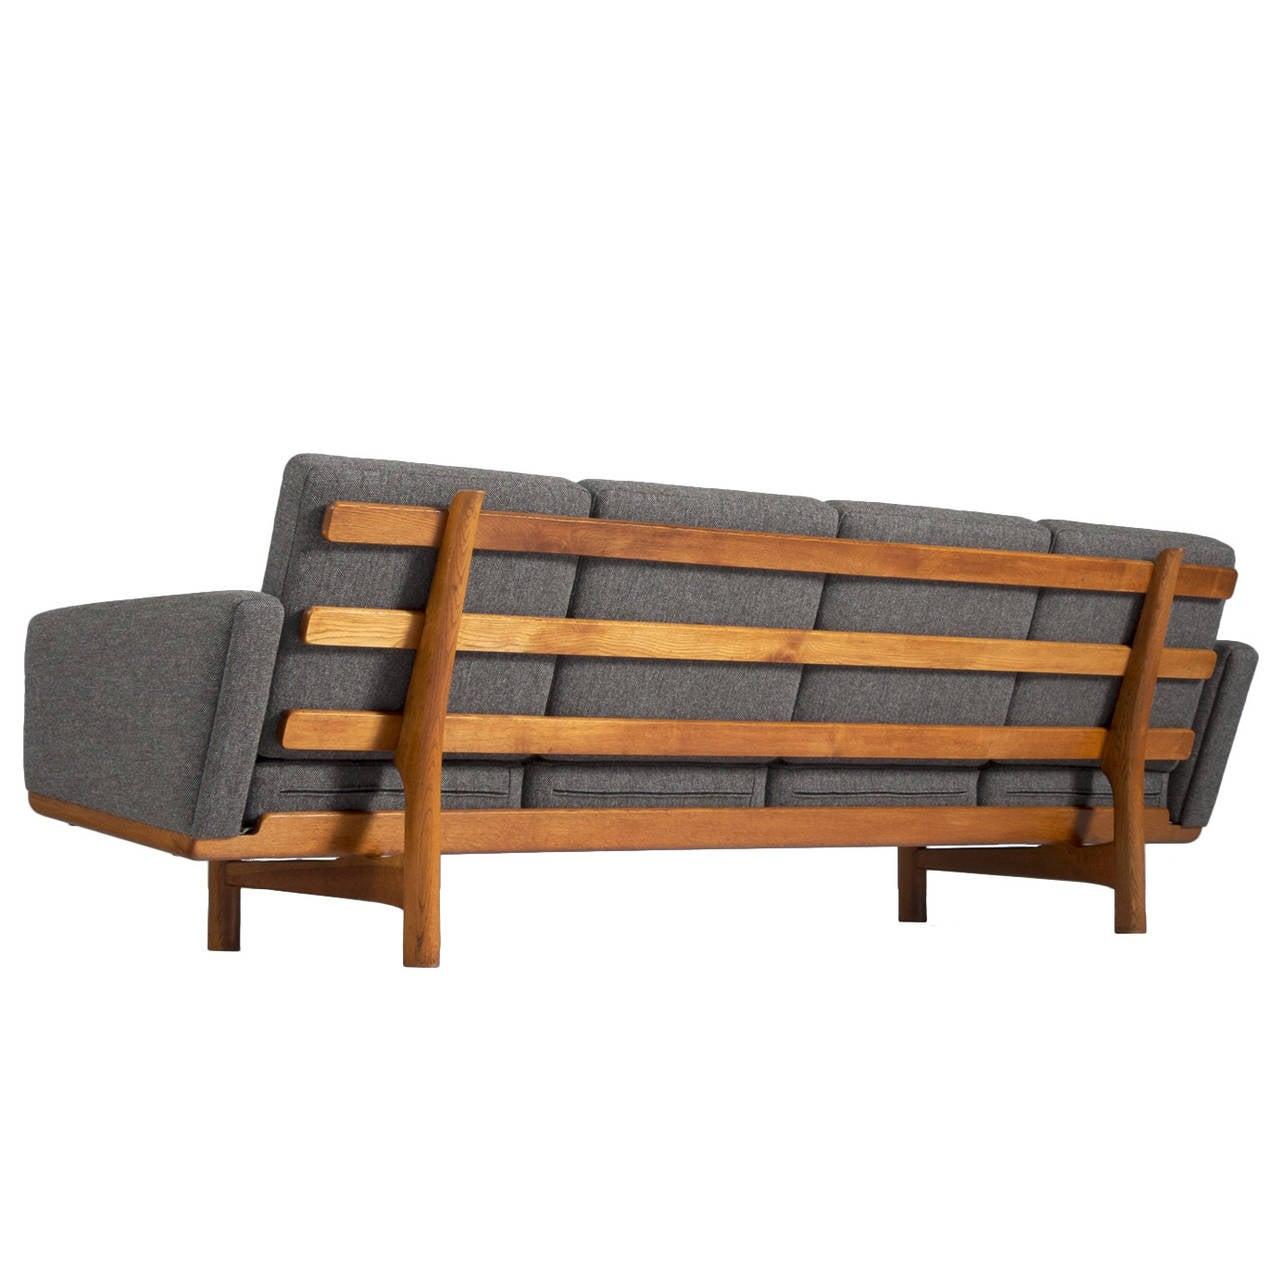 hans j wegner sofa model ge 236 4 for getama for sale at. Black Bedroom Furniture Sets. Home Design Ideas